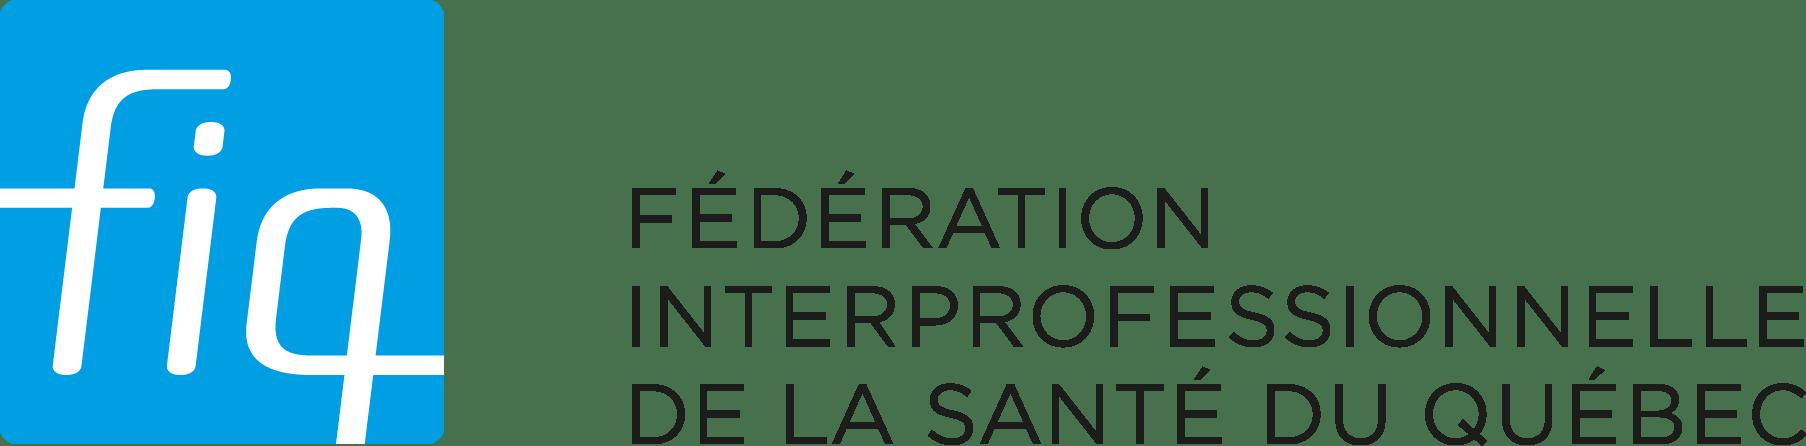 Fédération interprofessionnelle de la santé du Québec